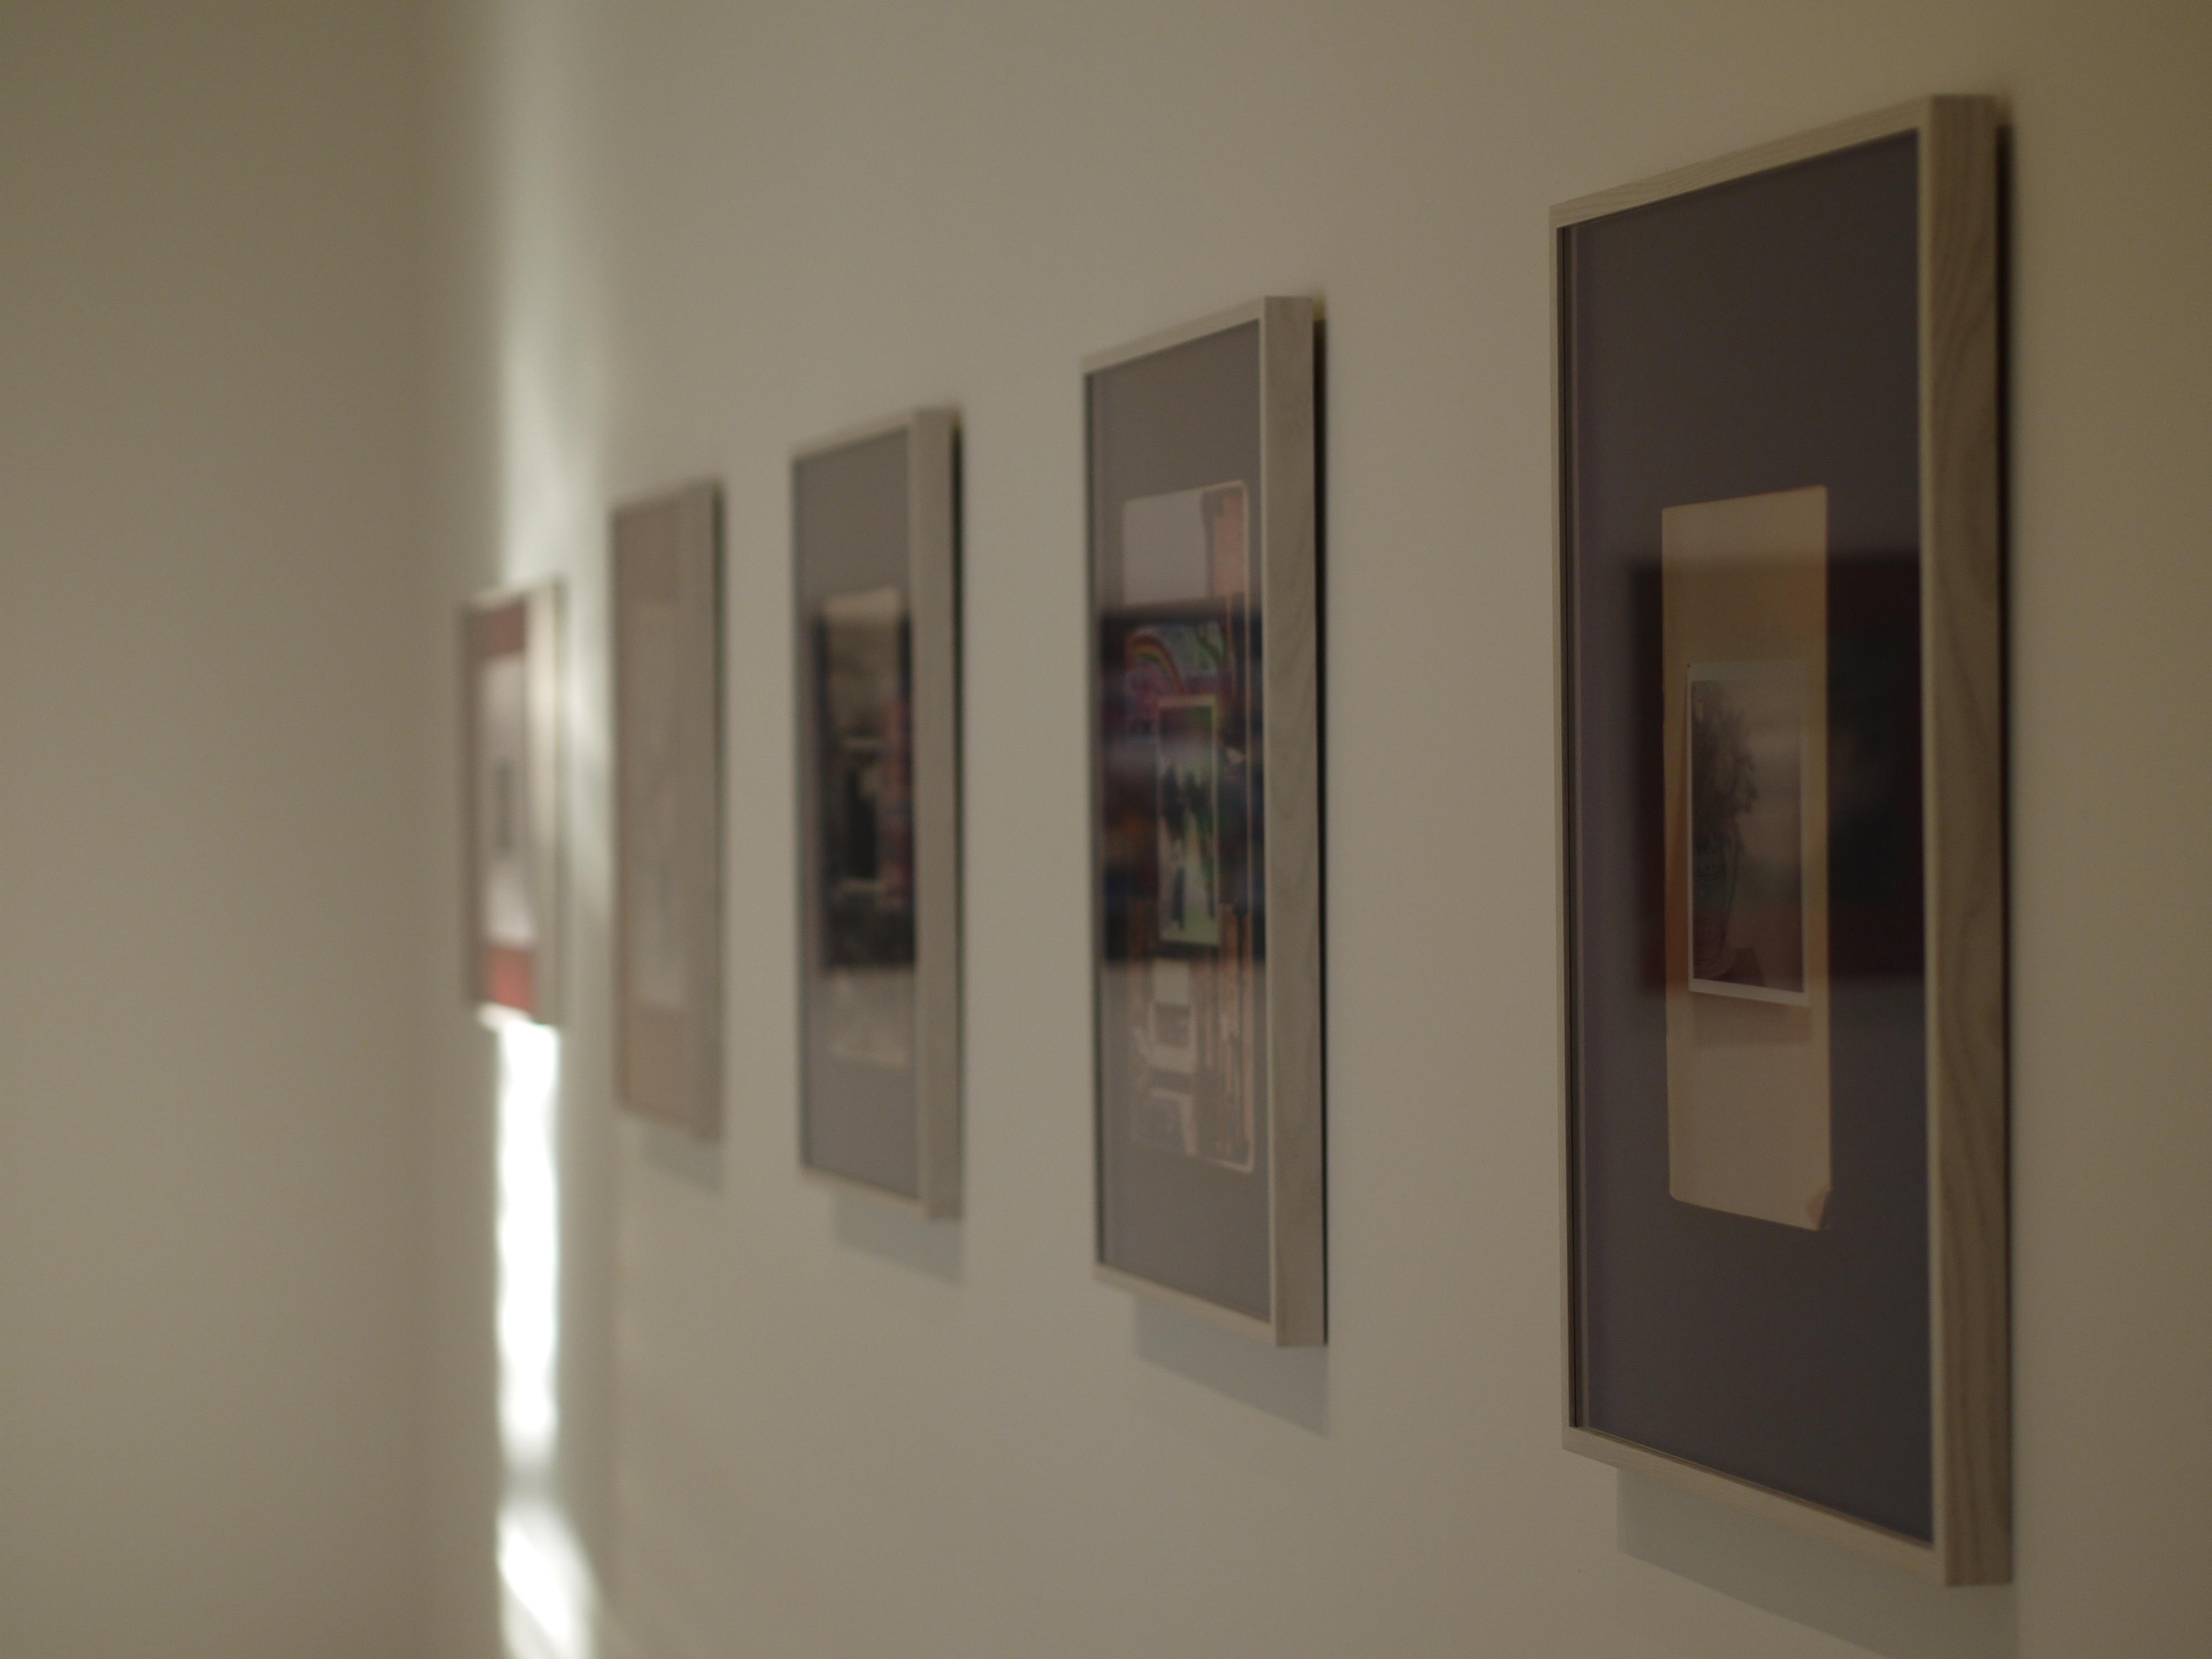 Fotos gratis : ligero, interior, pared, colección, museo, espacio ...